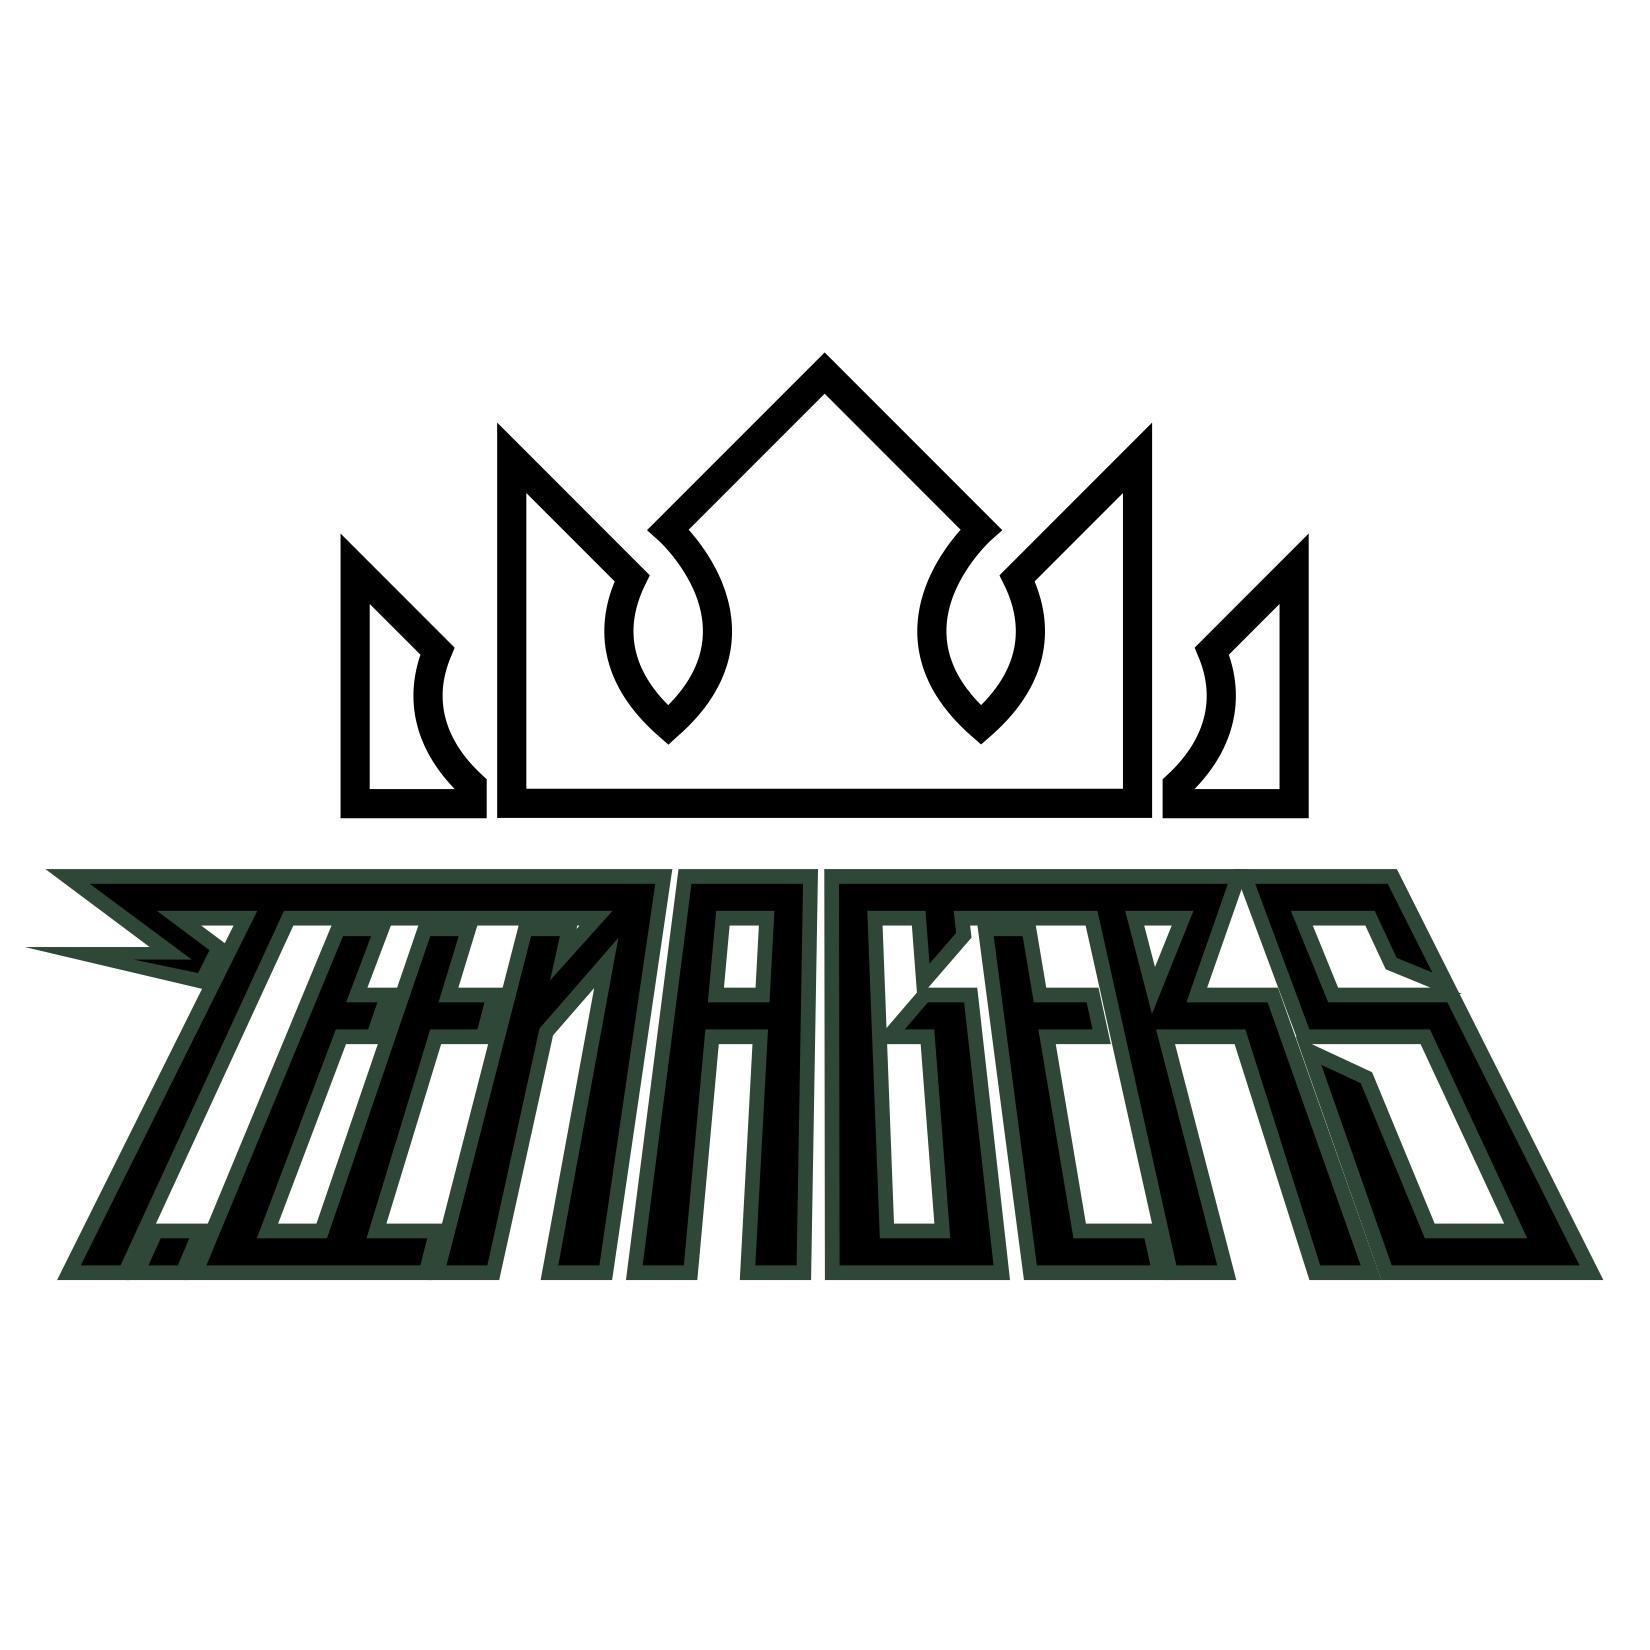 T.EENAGERS